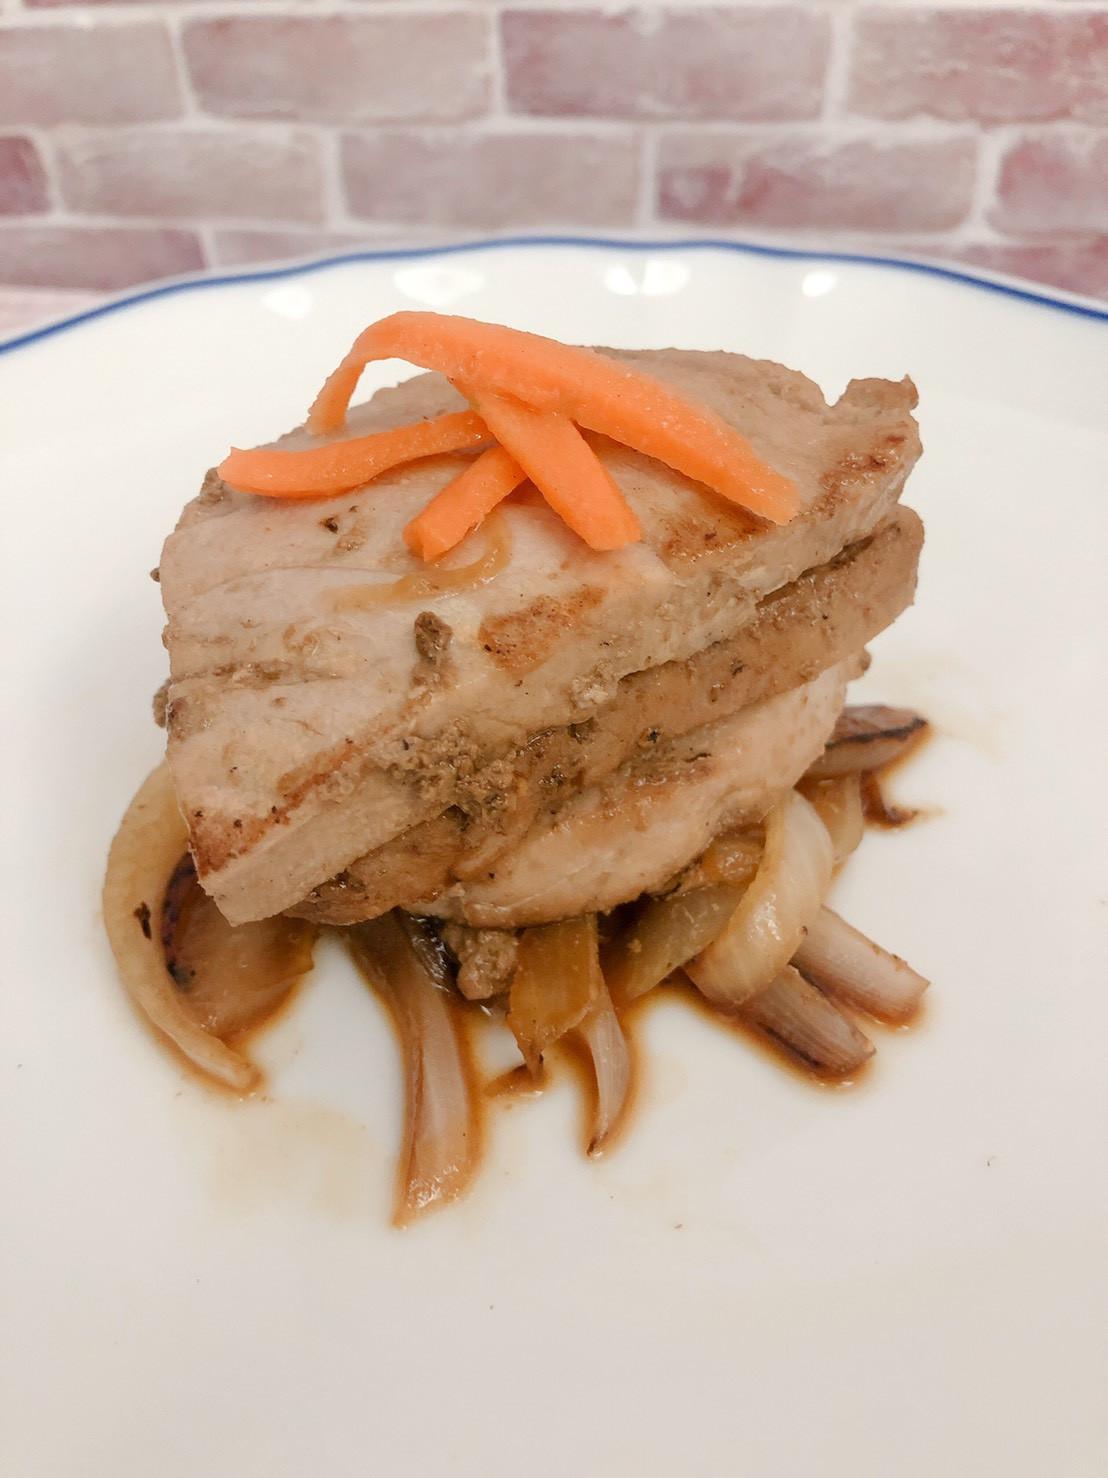 低醣料理 <海鮮> 柚香醬燒鮪魚排